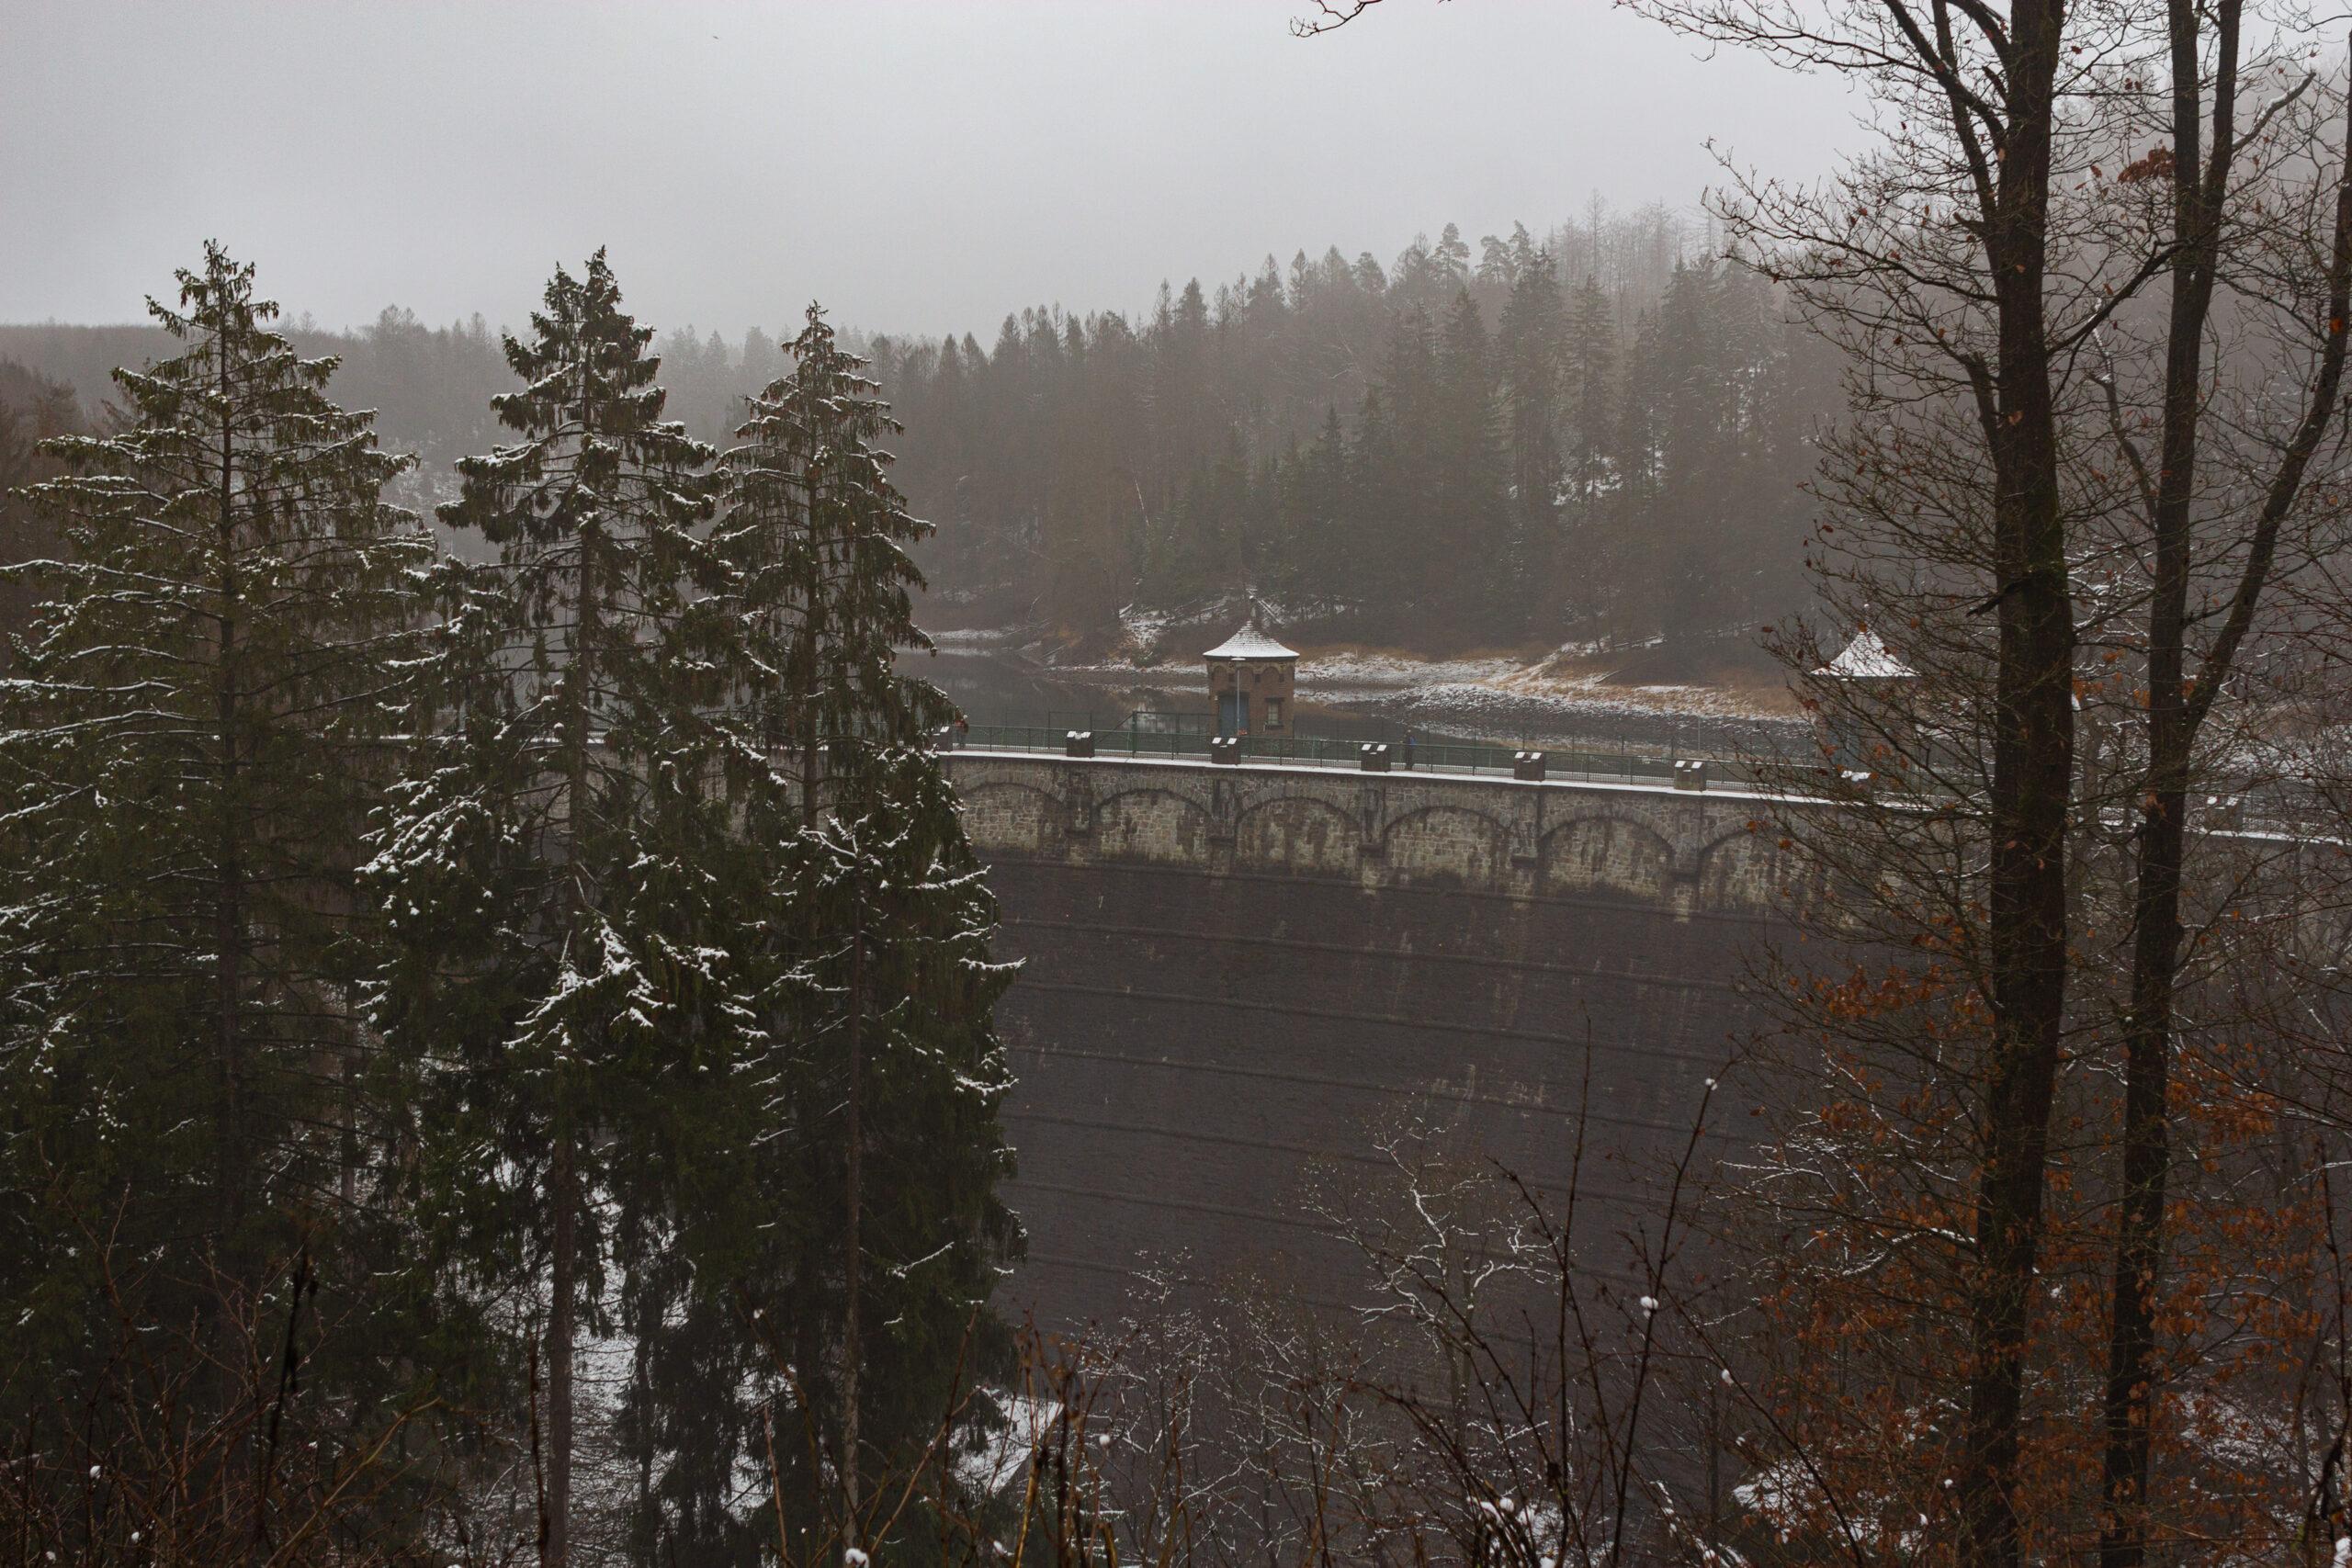 Fototour: Schnee im Sengbachtal - Vordergrundbild